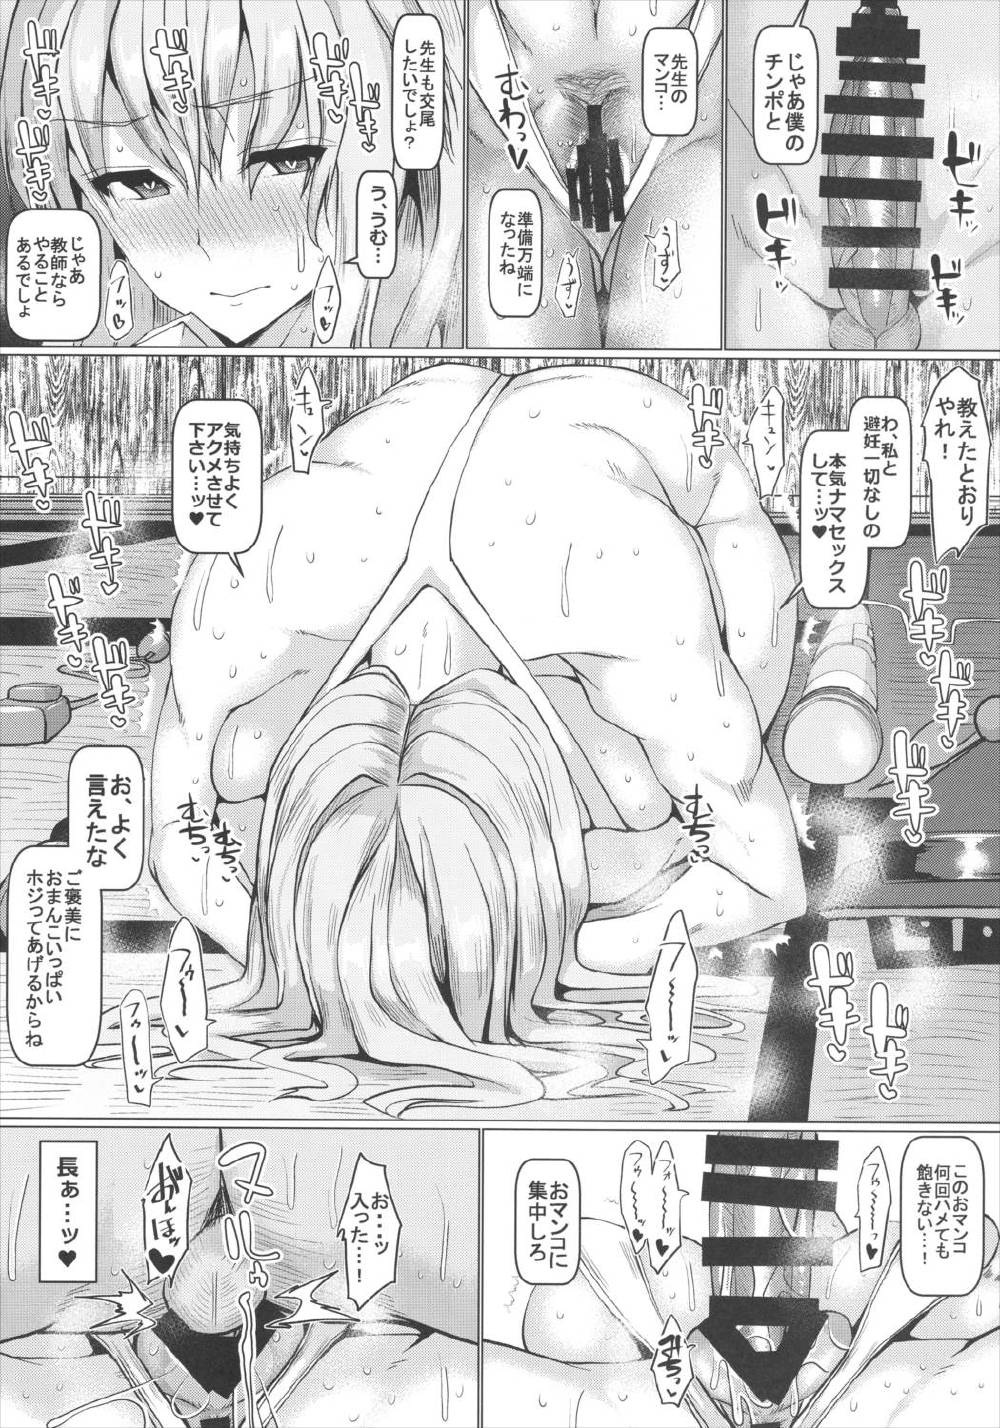 【エロ漫画】ドスケベ女教師なんて屈服されて種付け催眠される運命なんだよなぁ・・・はやく土下座してちんぽねだって?